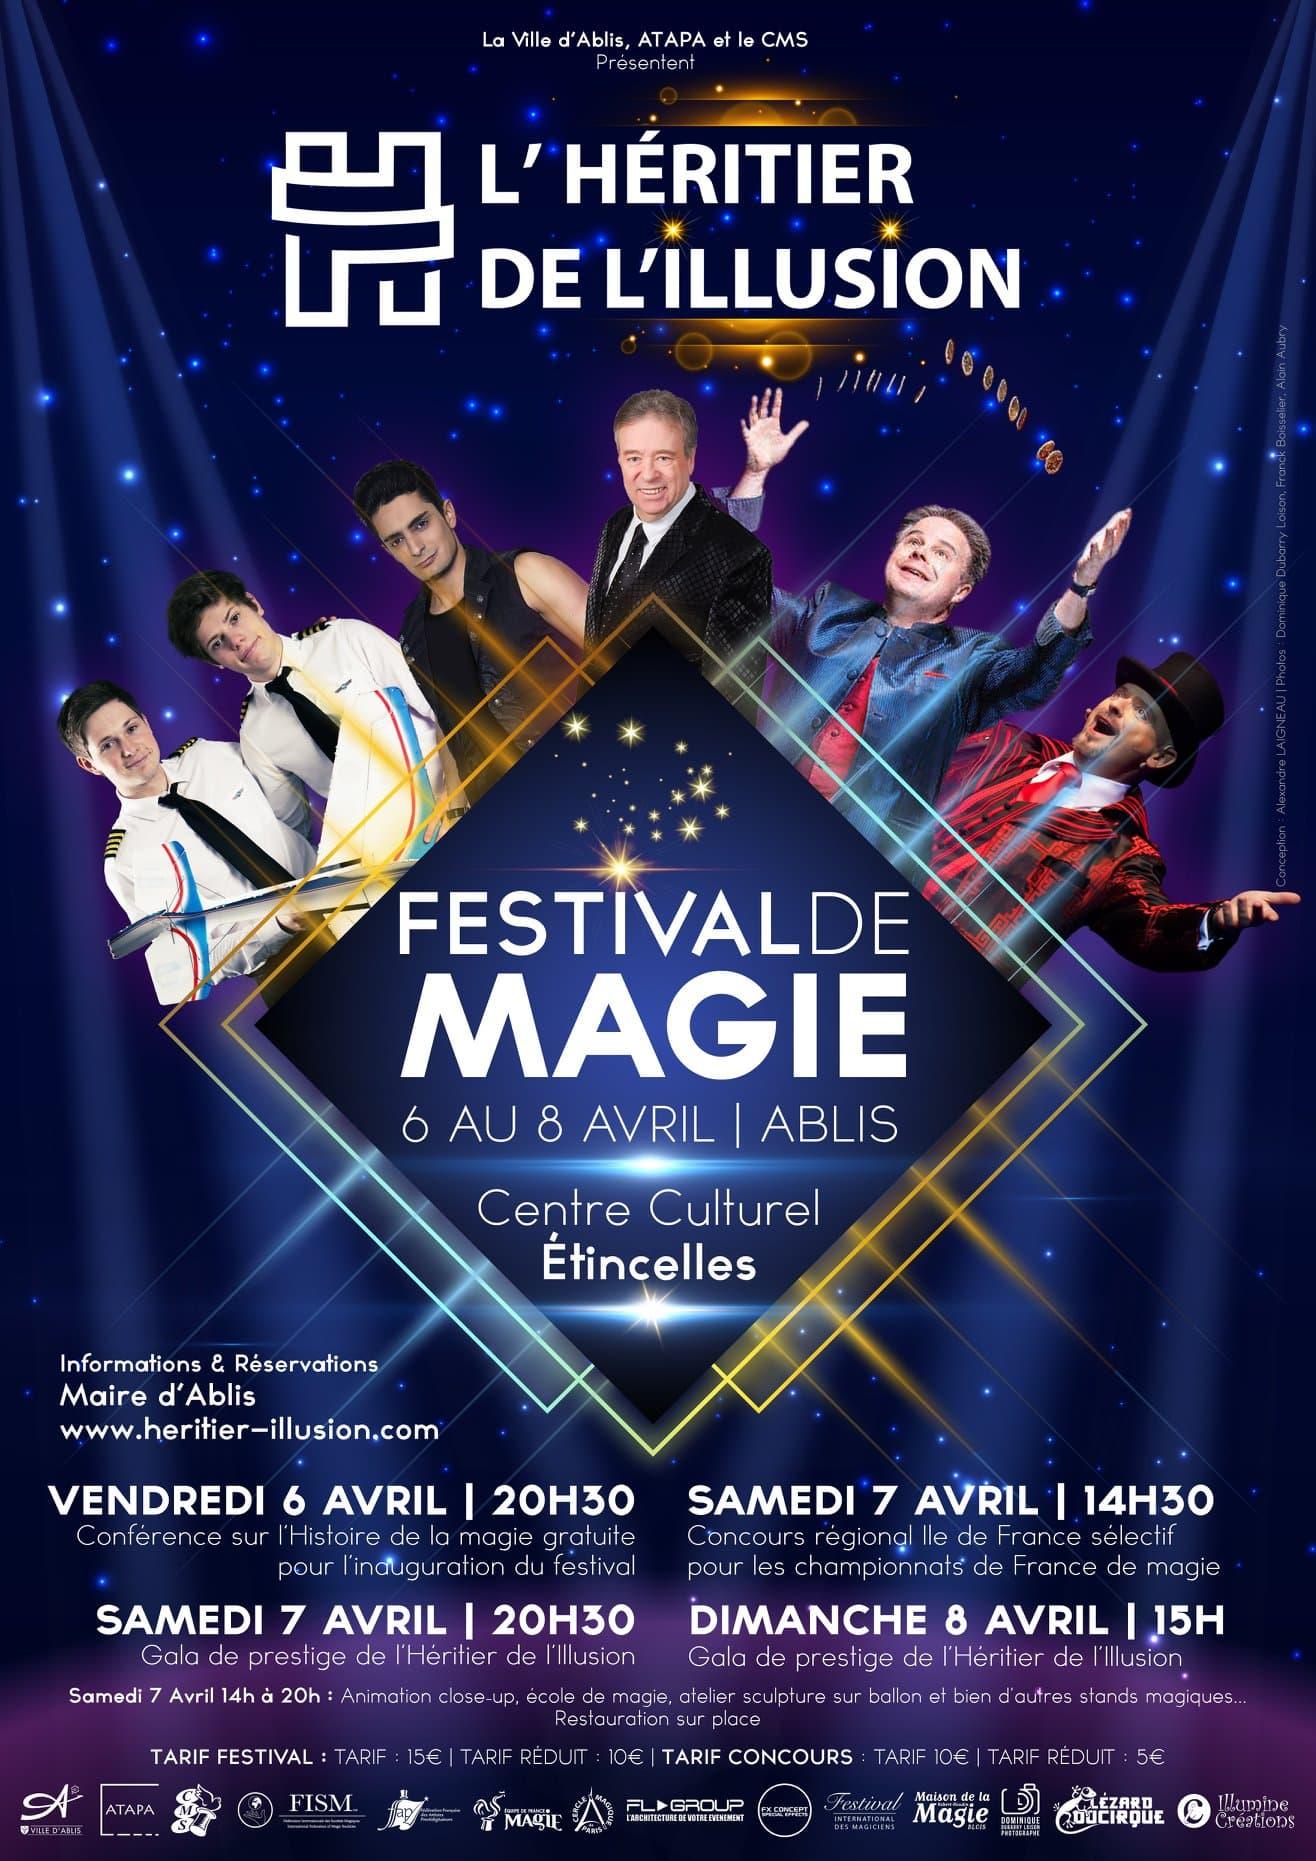 Festival de magie et concours régional Paris-Île de France